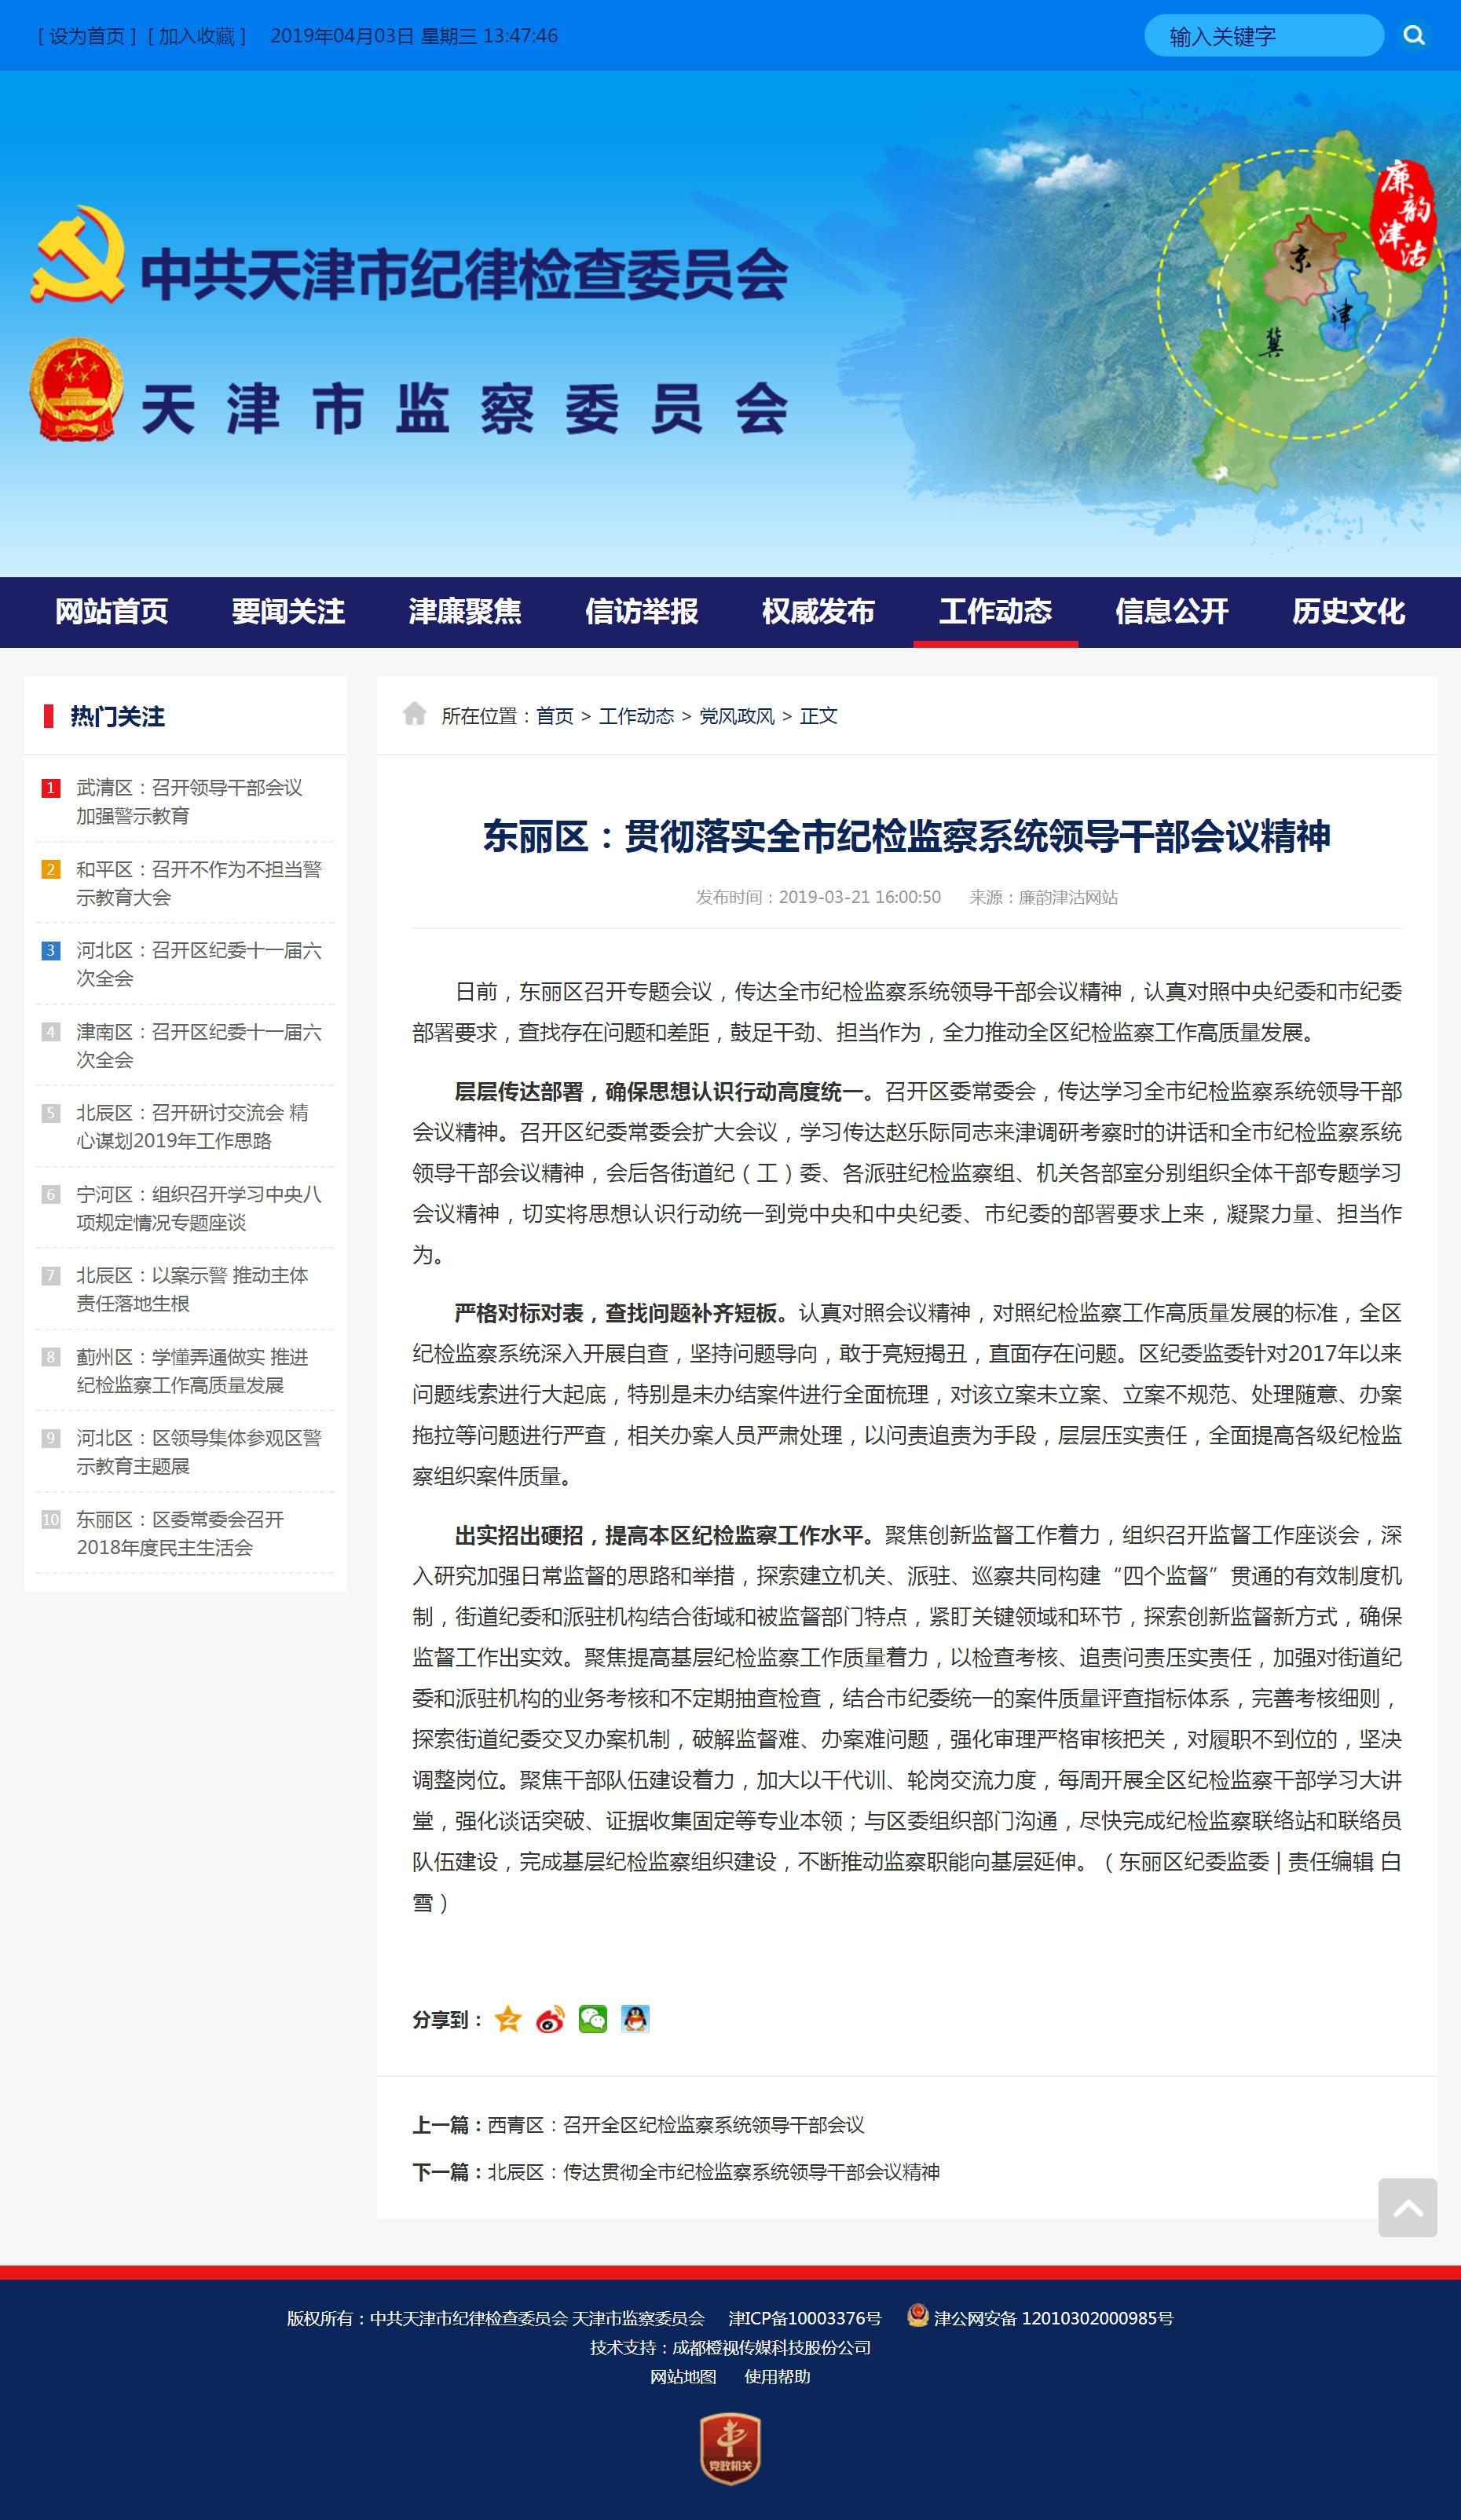 东丽区:贯彻落实全市纪检监察系统领导干部会议精神